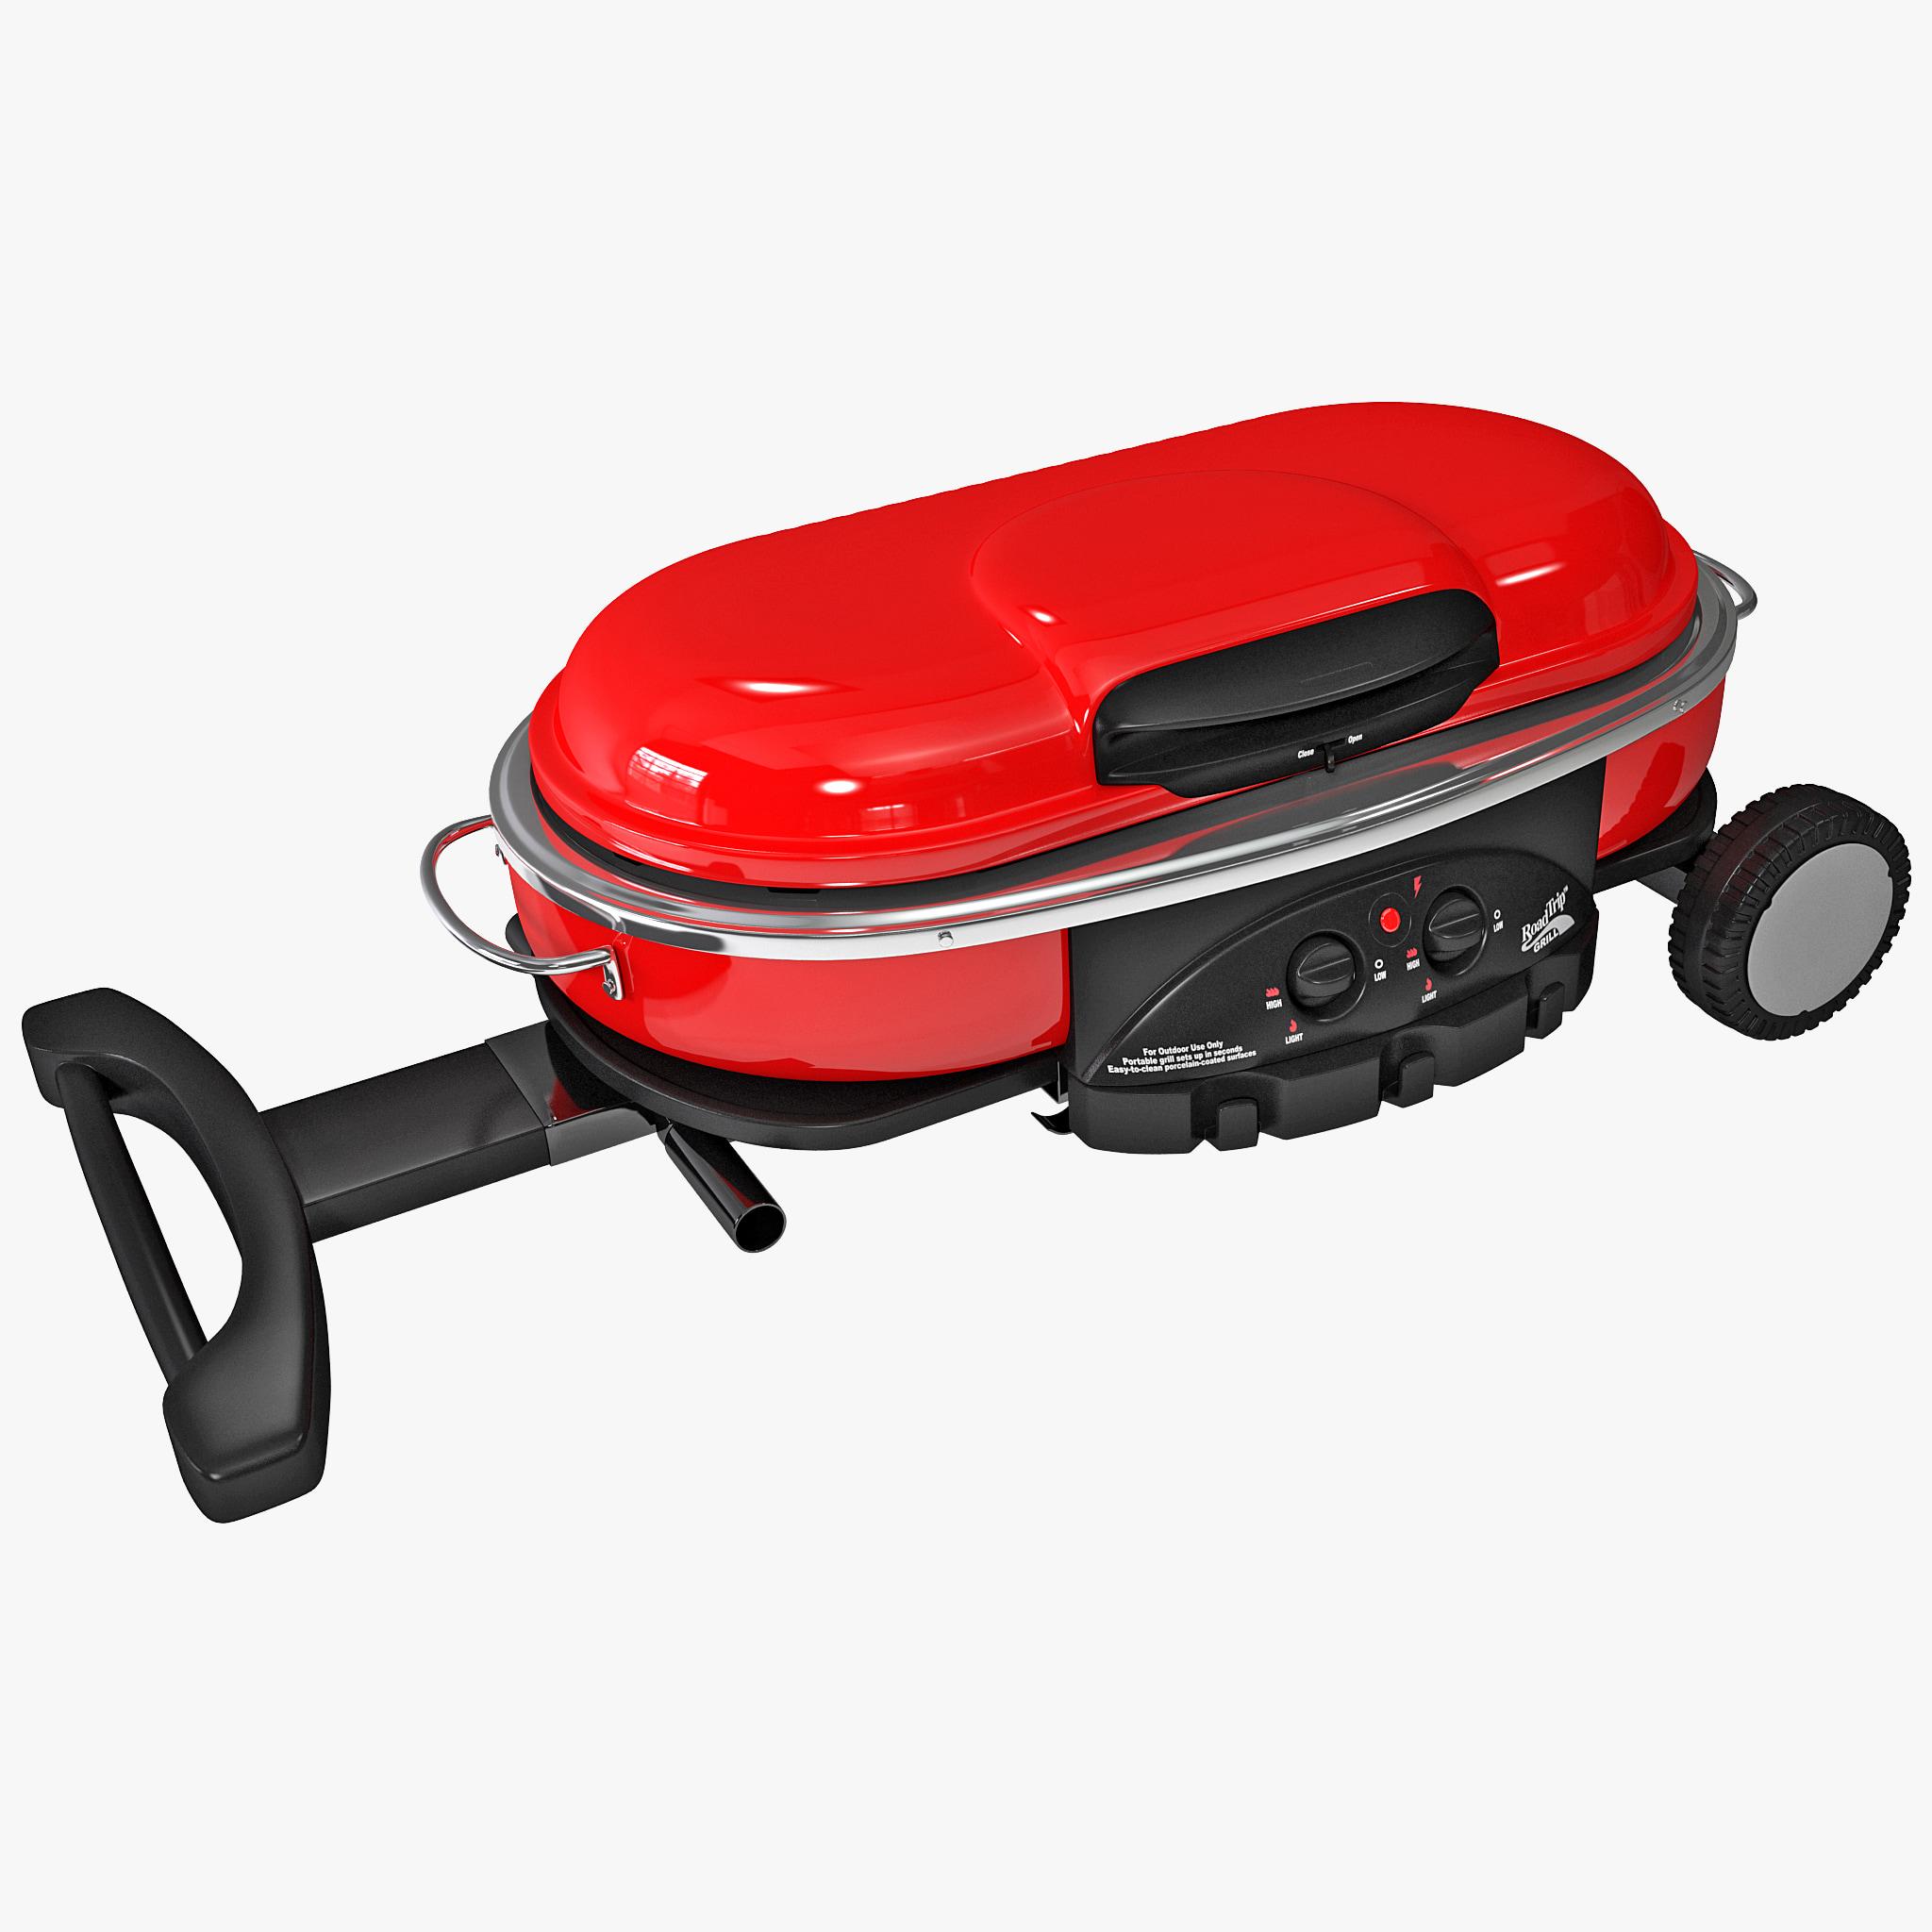 D model of coleman road trip grill